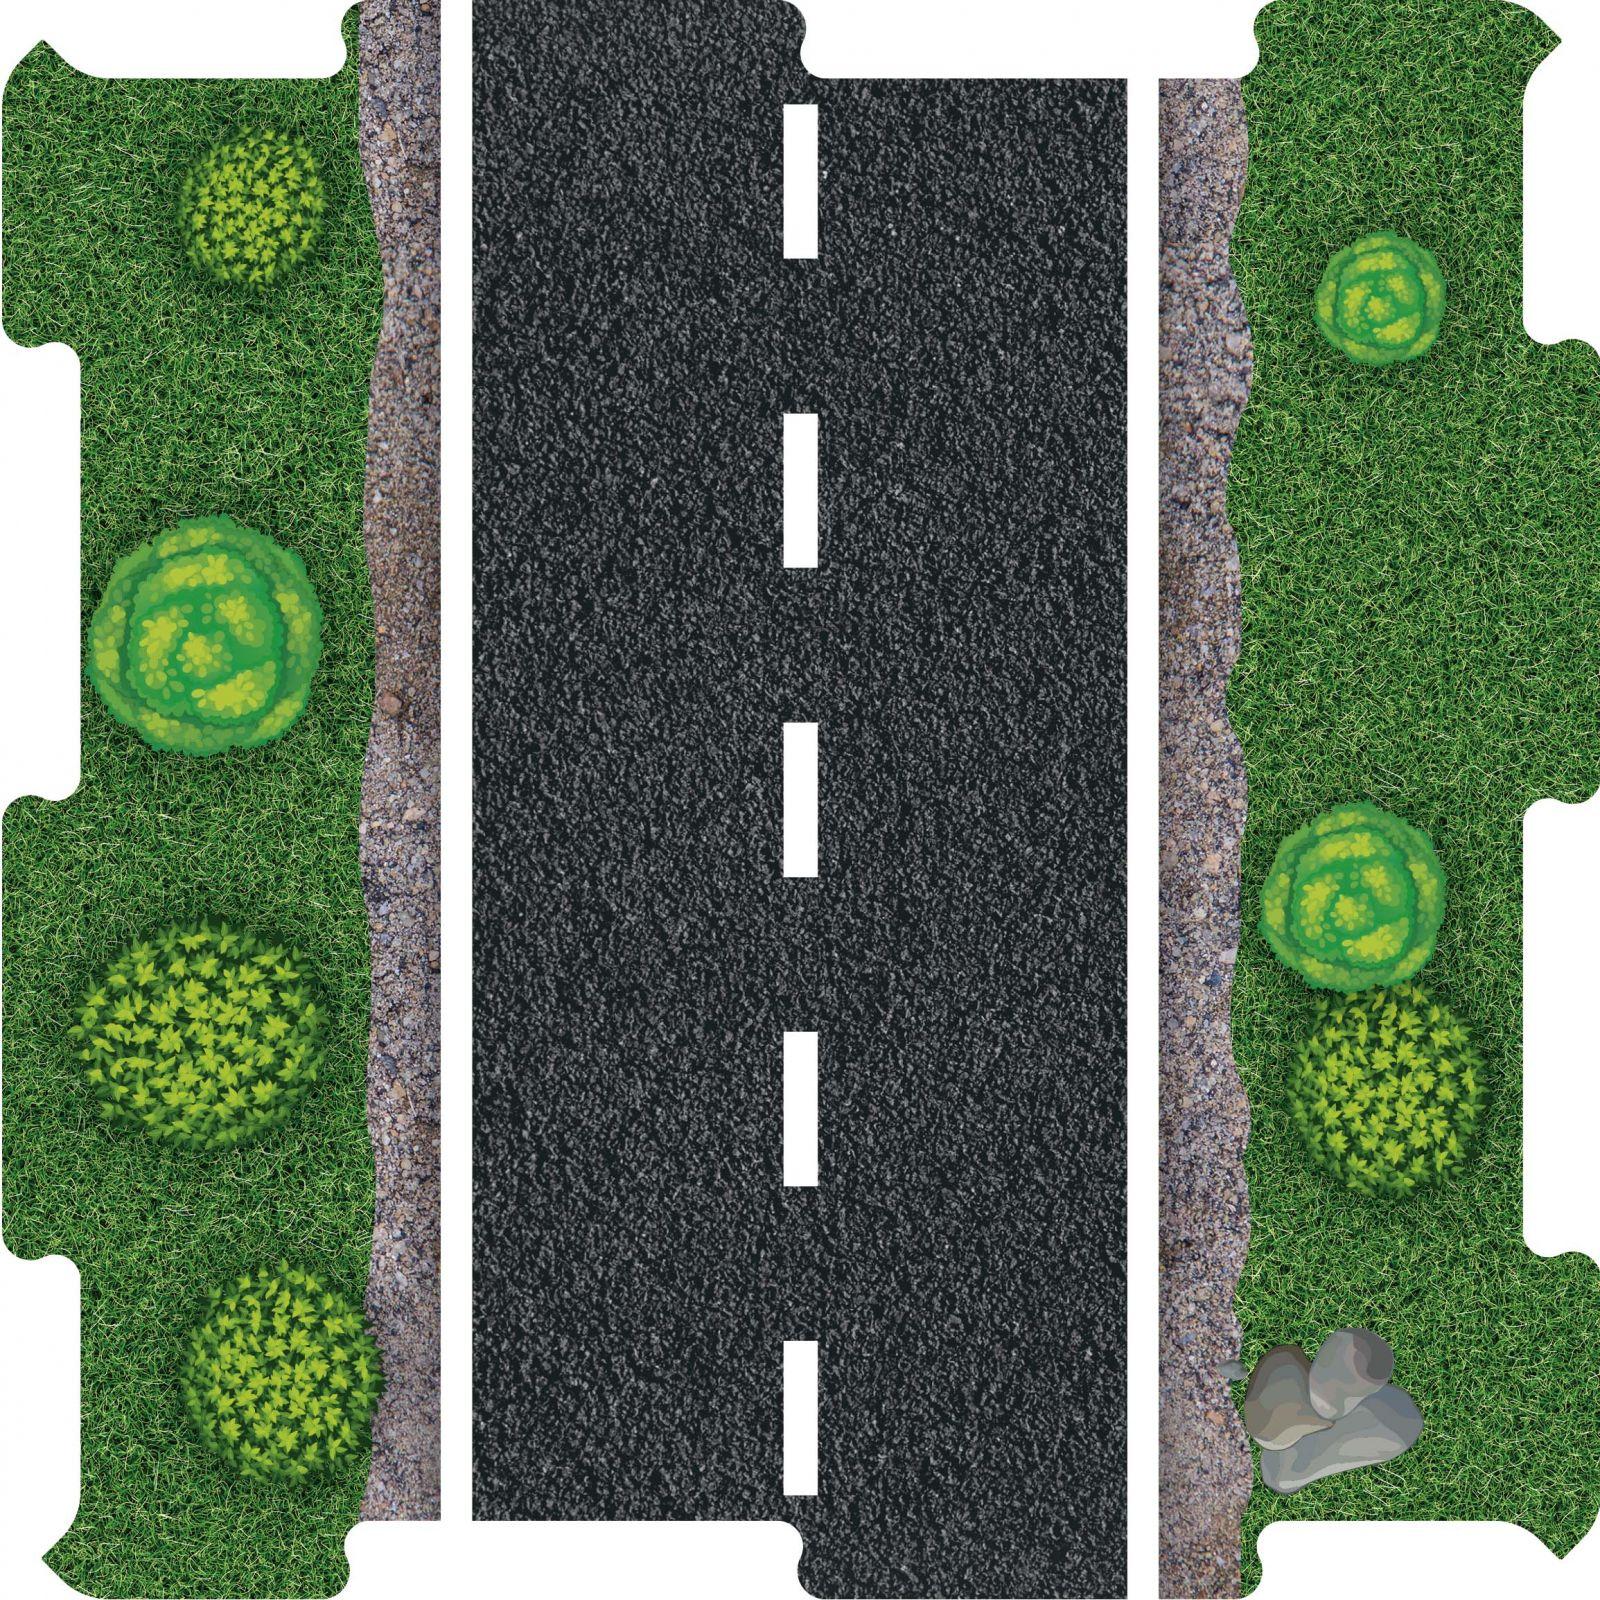 Podlahove puzzle silnice stromy